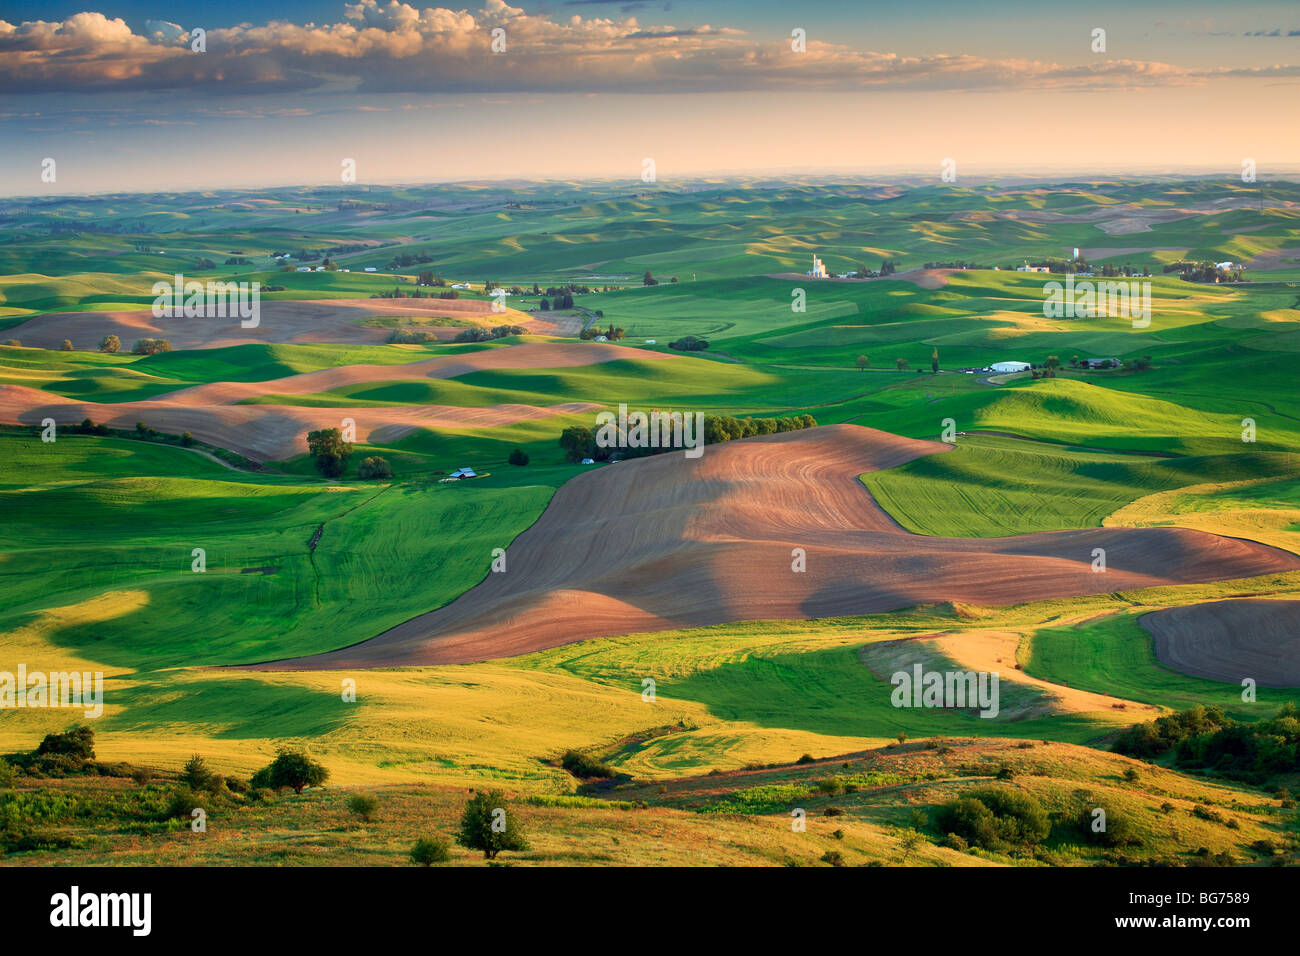 Bauernhof Felder umliegenden Steptoe Butte im östlichen Washington Palouse-Bereich Stockbild